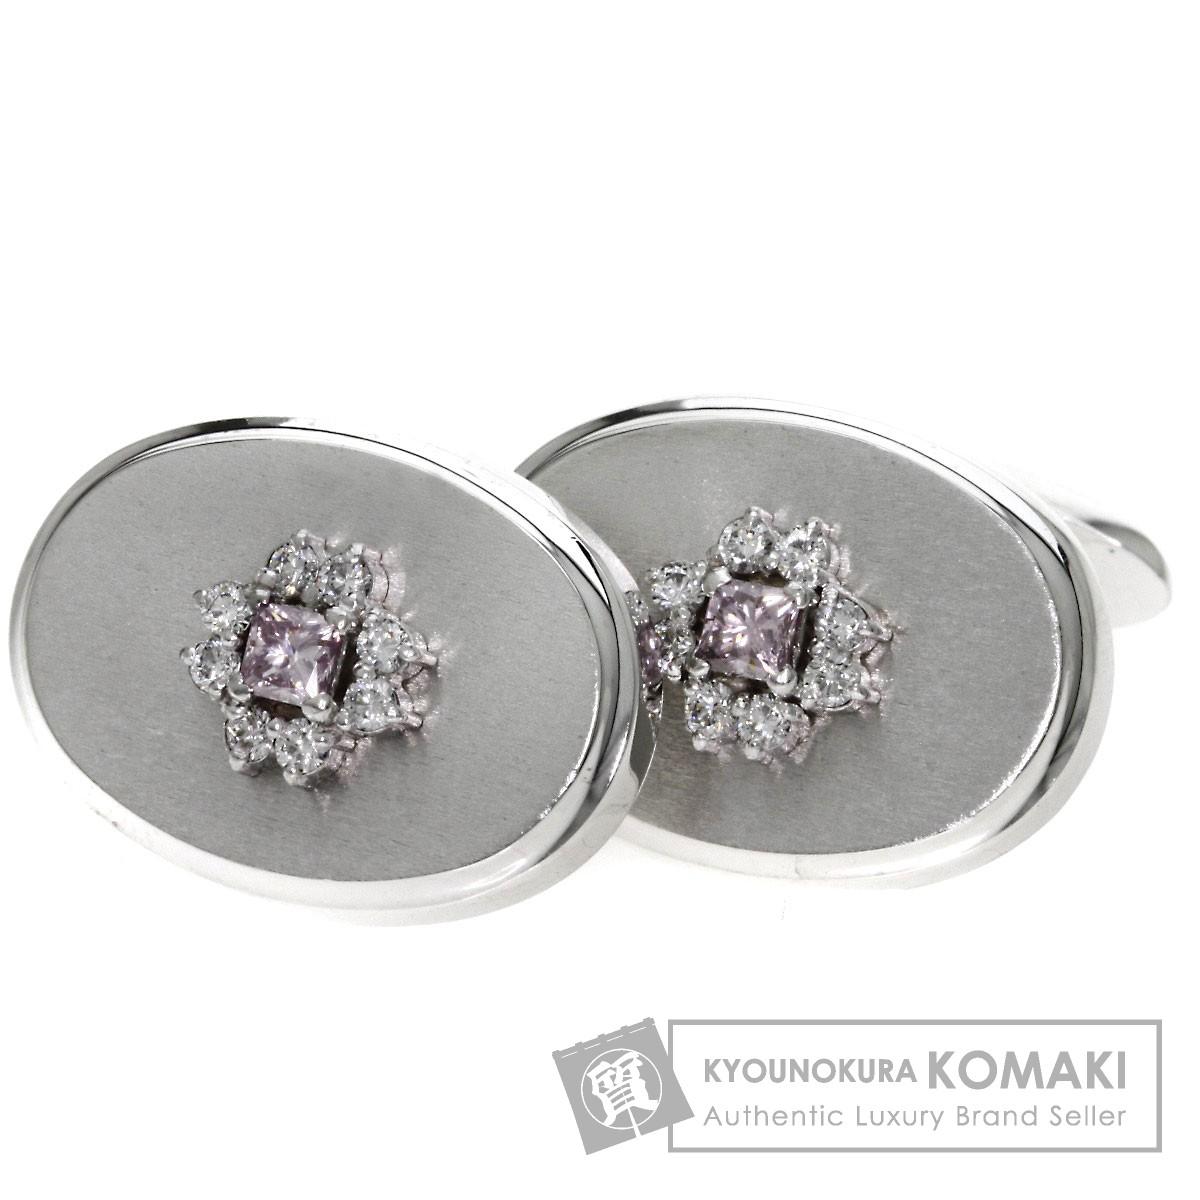 0.178ct ダイヤモンド カフス K14ホワイトゴールド 8.9g メンズ 【中古】